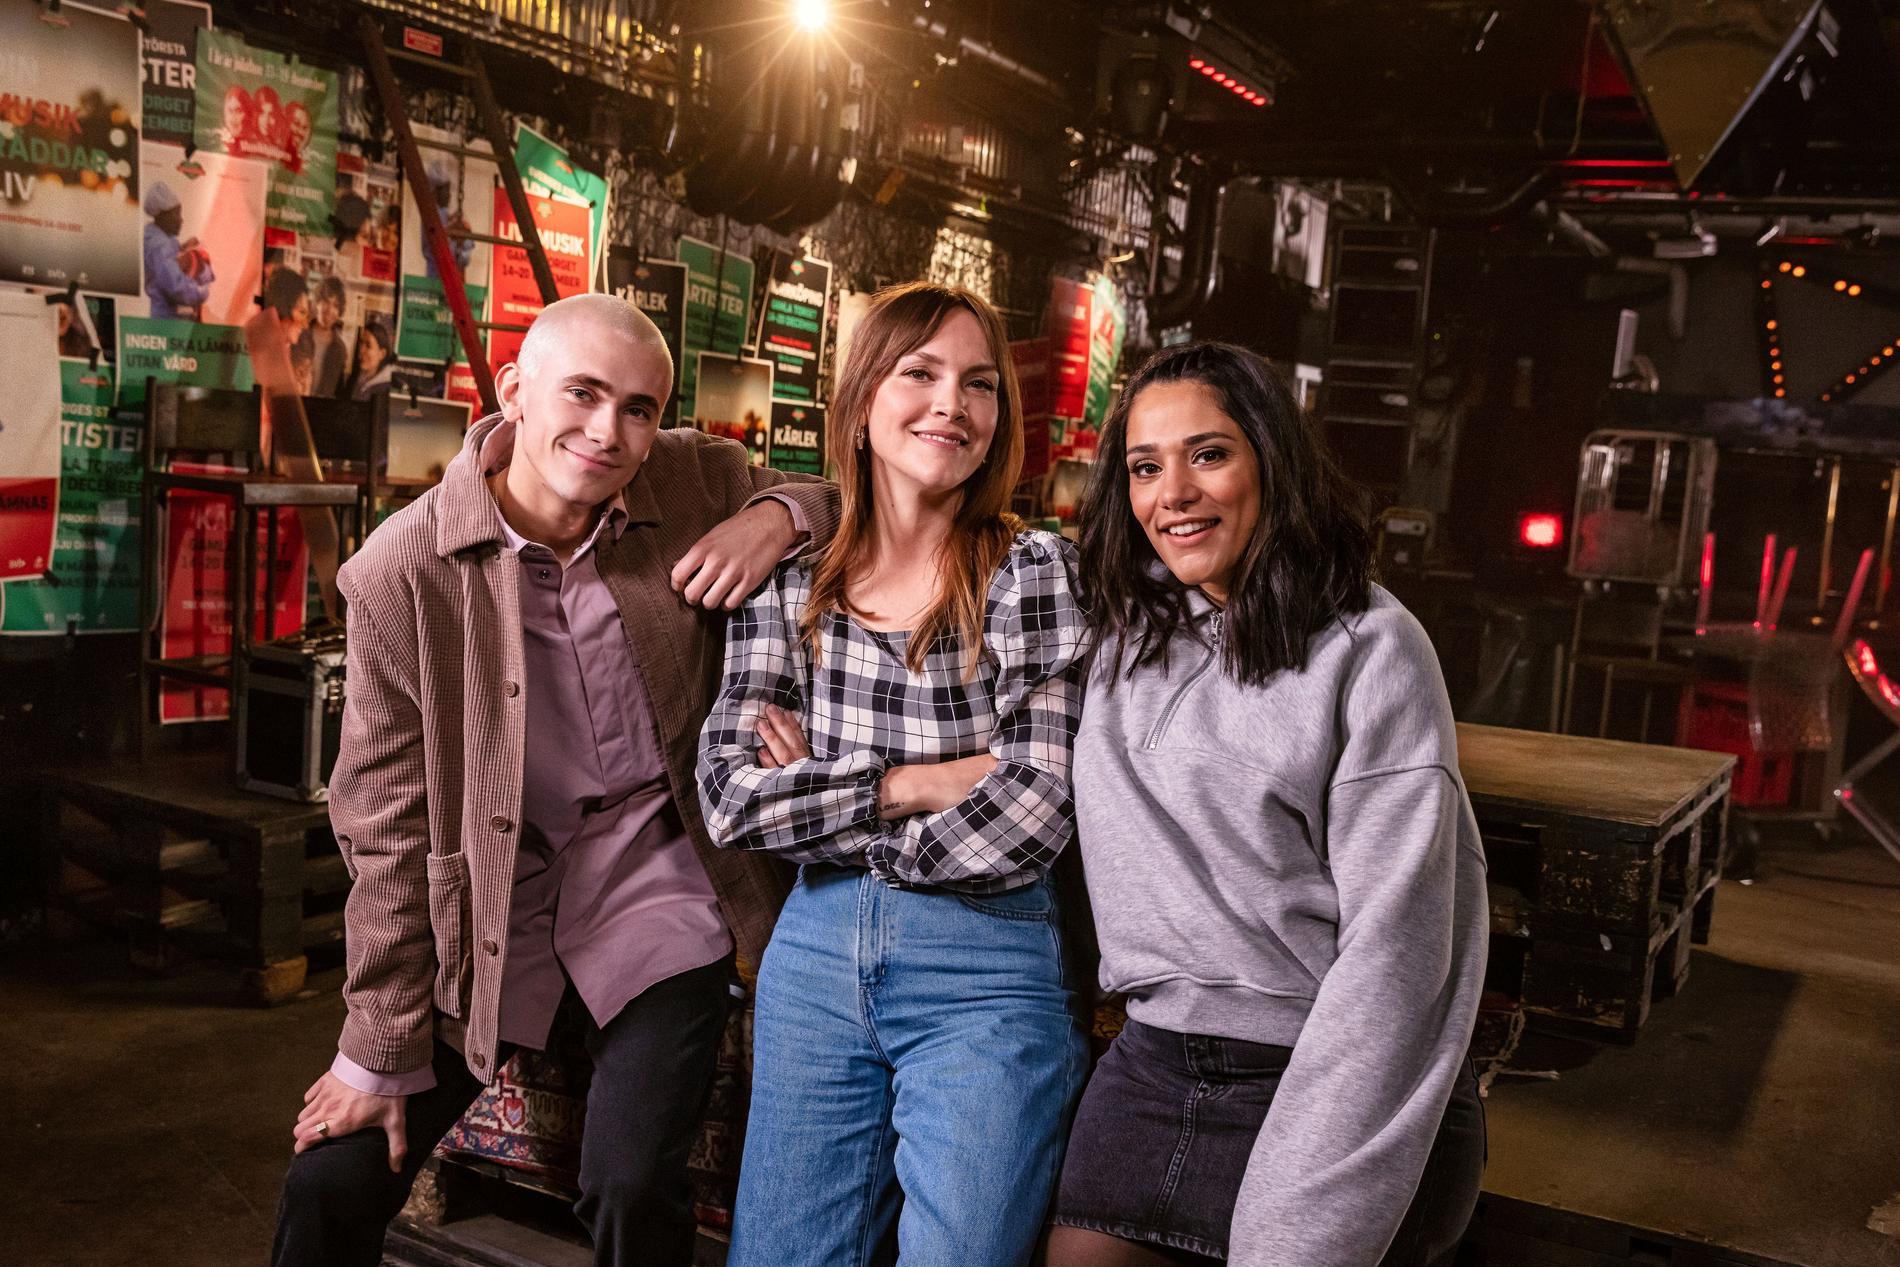 Felix Sandman är aktuell som programledare för årets upplaga av Musikhjälpen, tillsammans med Brita Zackari och Farah Abadi.